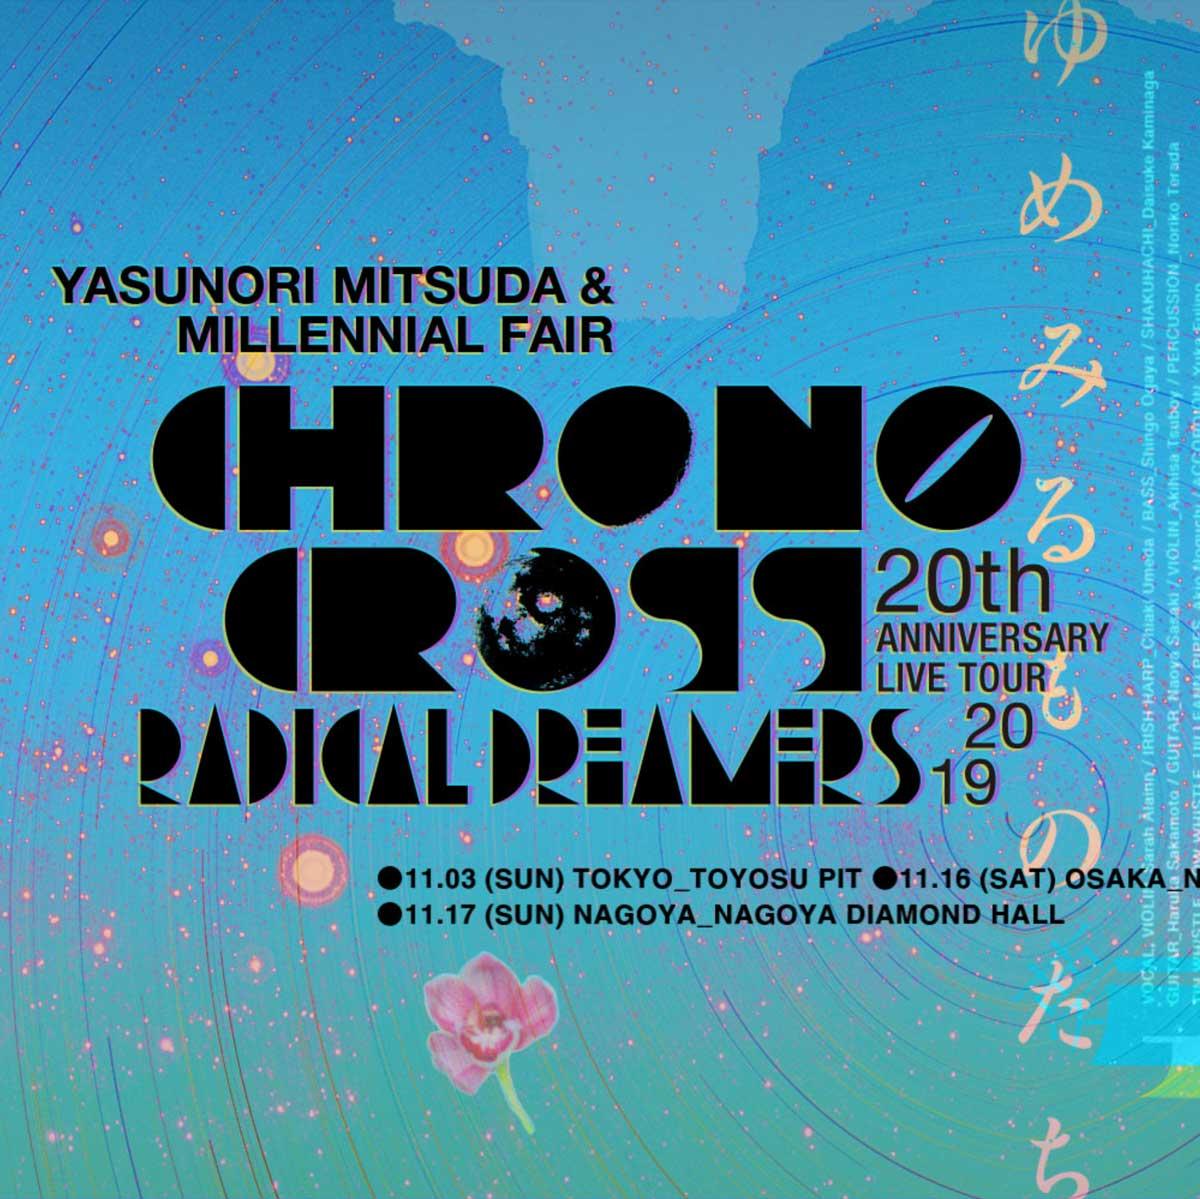 『クロノ・クロス』ライブパンフレットインタビュー